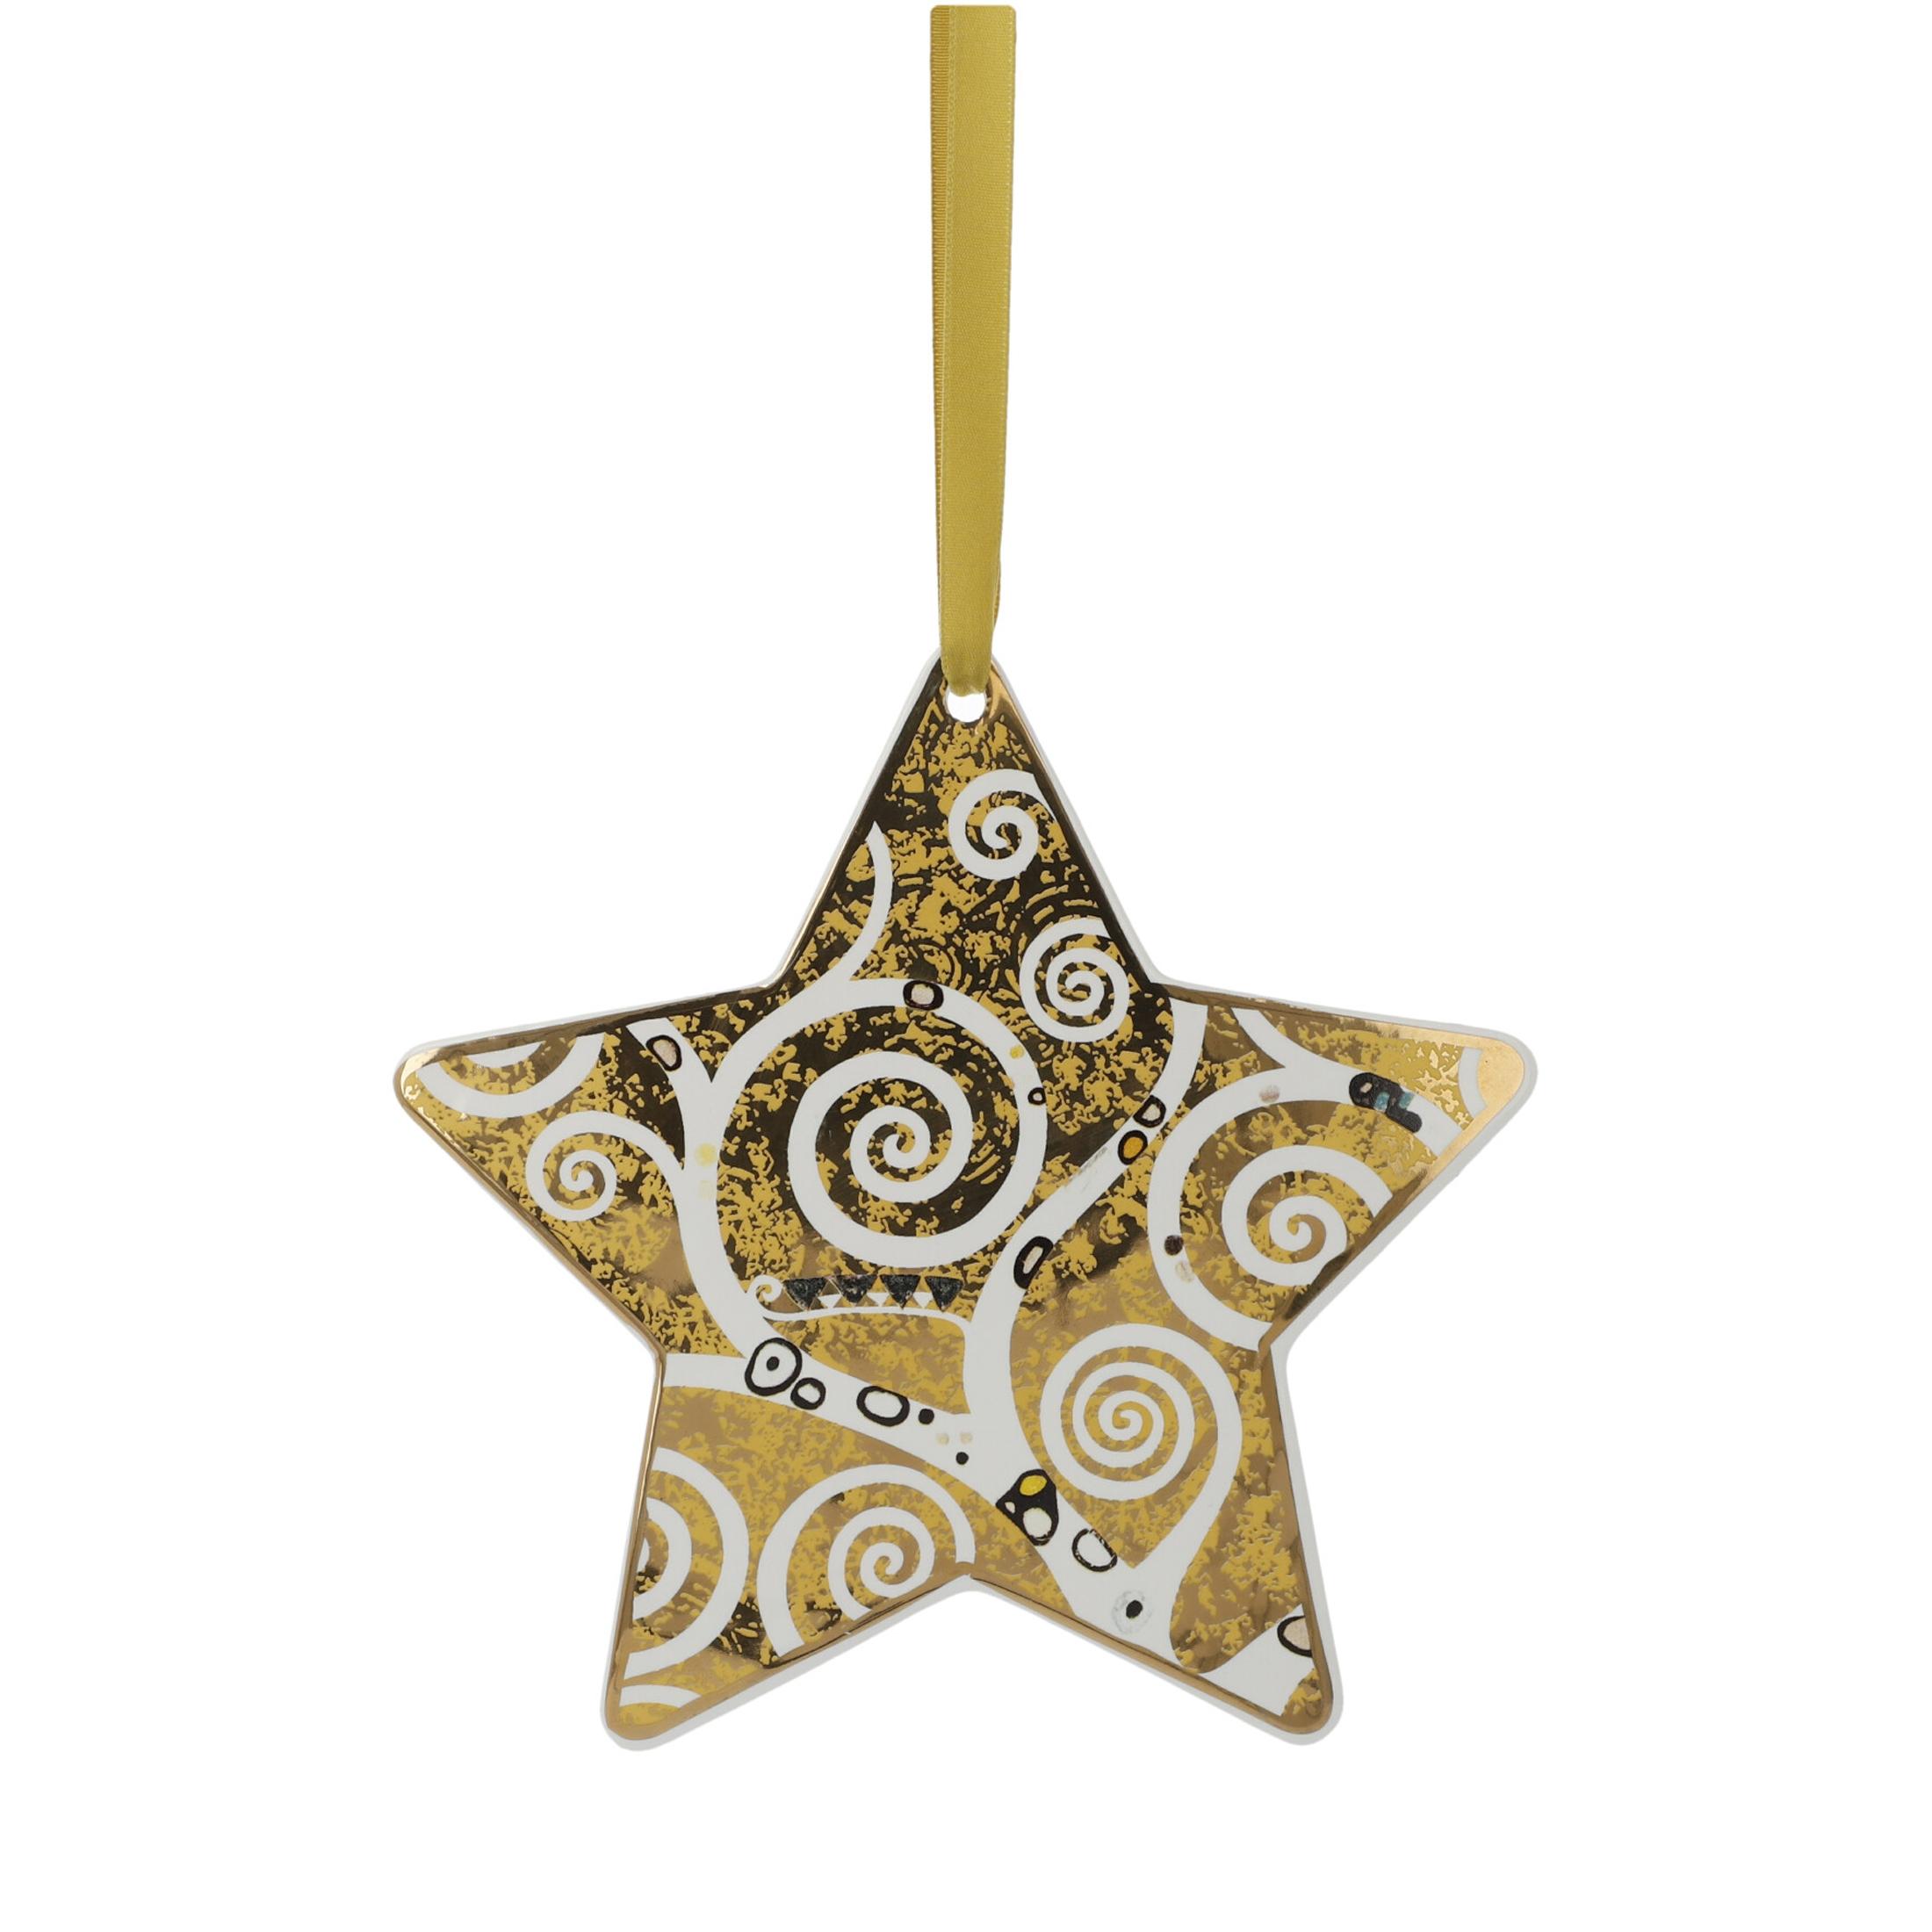 Goebel Artis Orbis Gustav Klimt Christmas Time 'Der Lebensbaum Gold-Weiß - Hängeornament' 2021 !